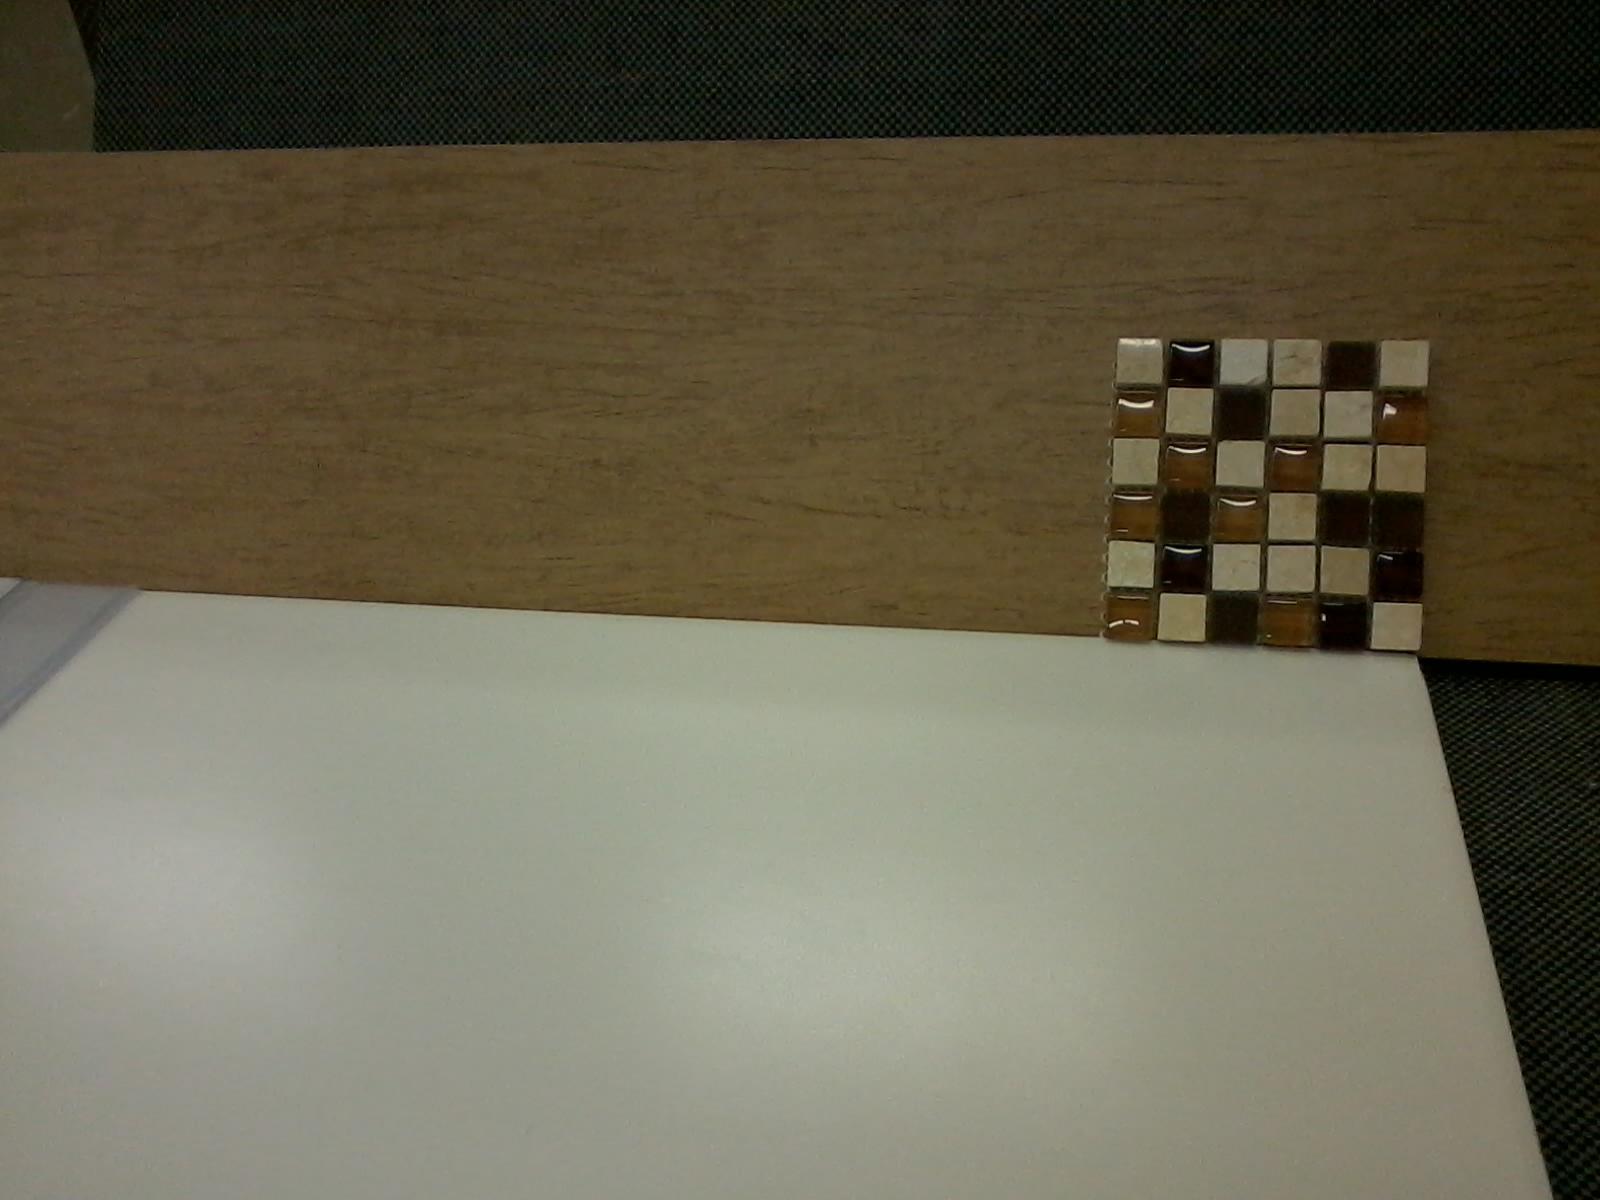 Construindo Nossa Casa: Pisos #2E2716 1600x1200 Banheiro Branco Fosco